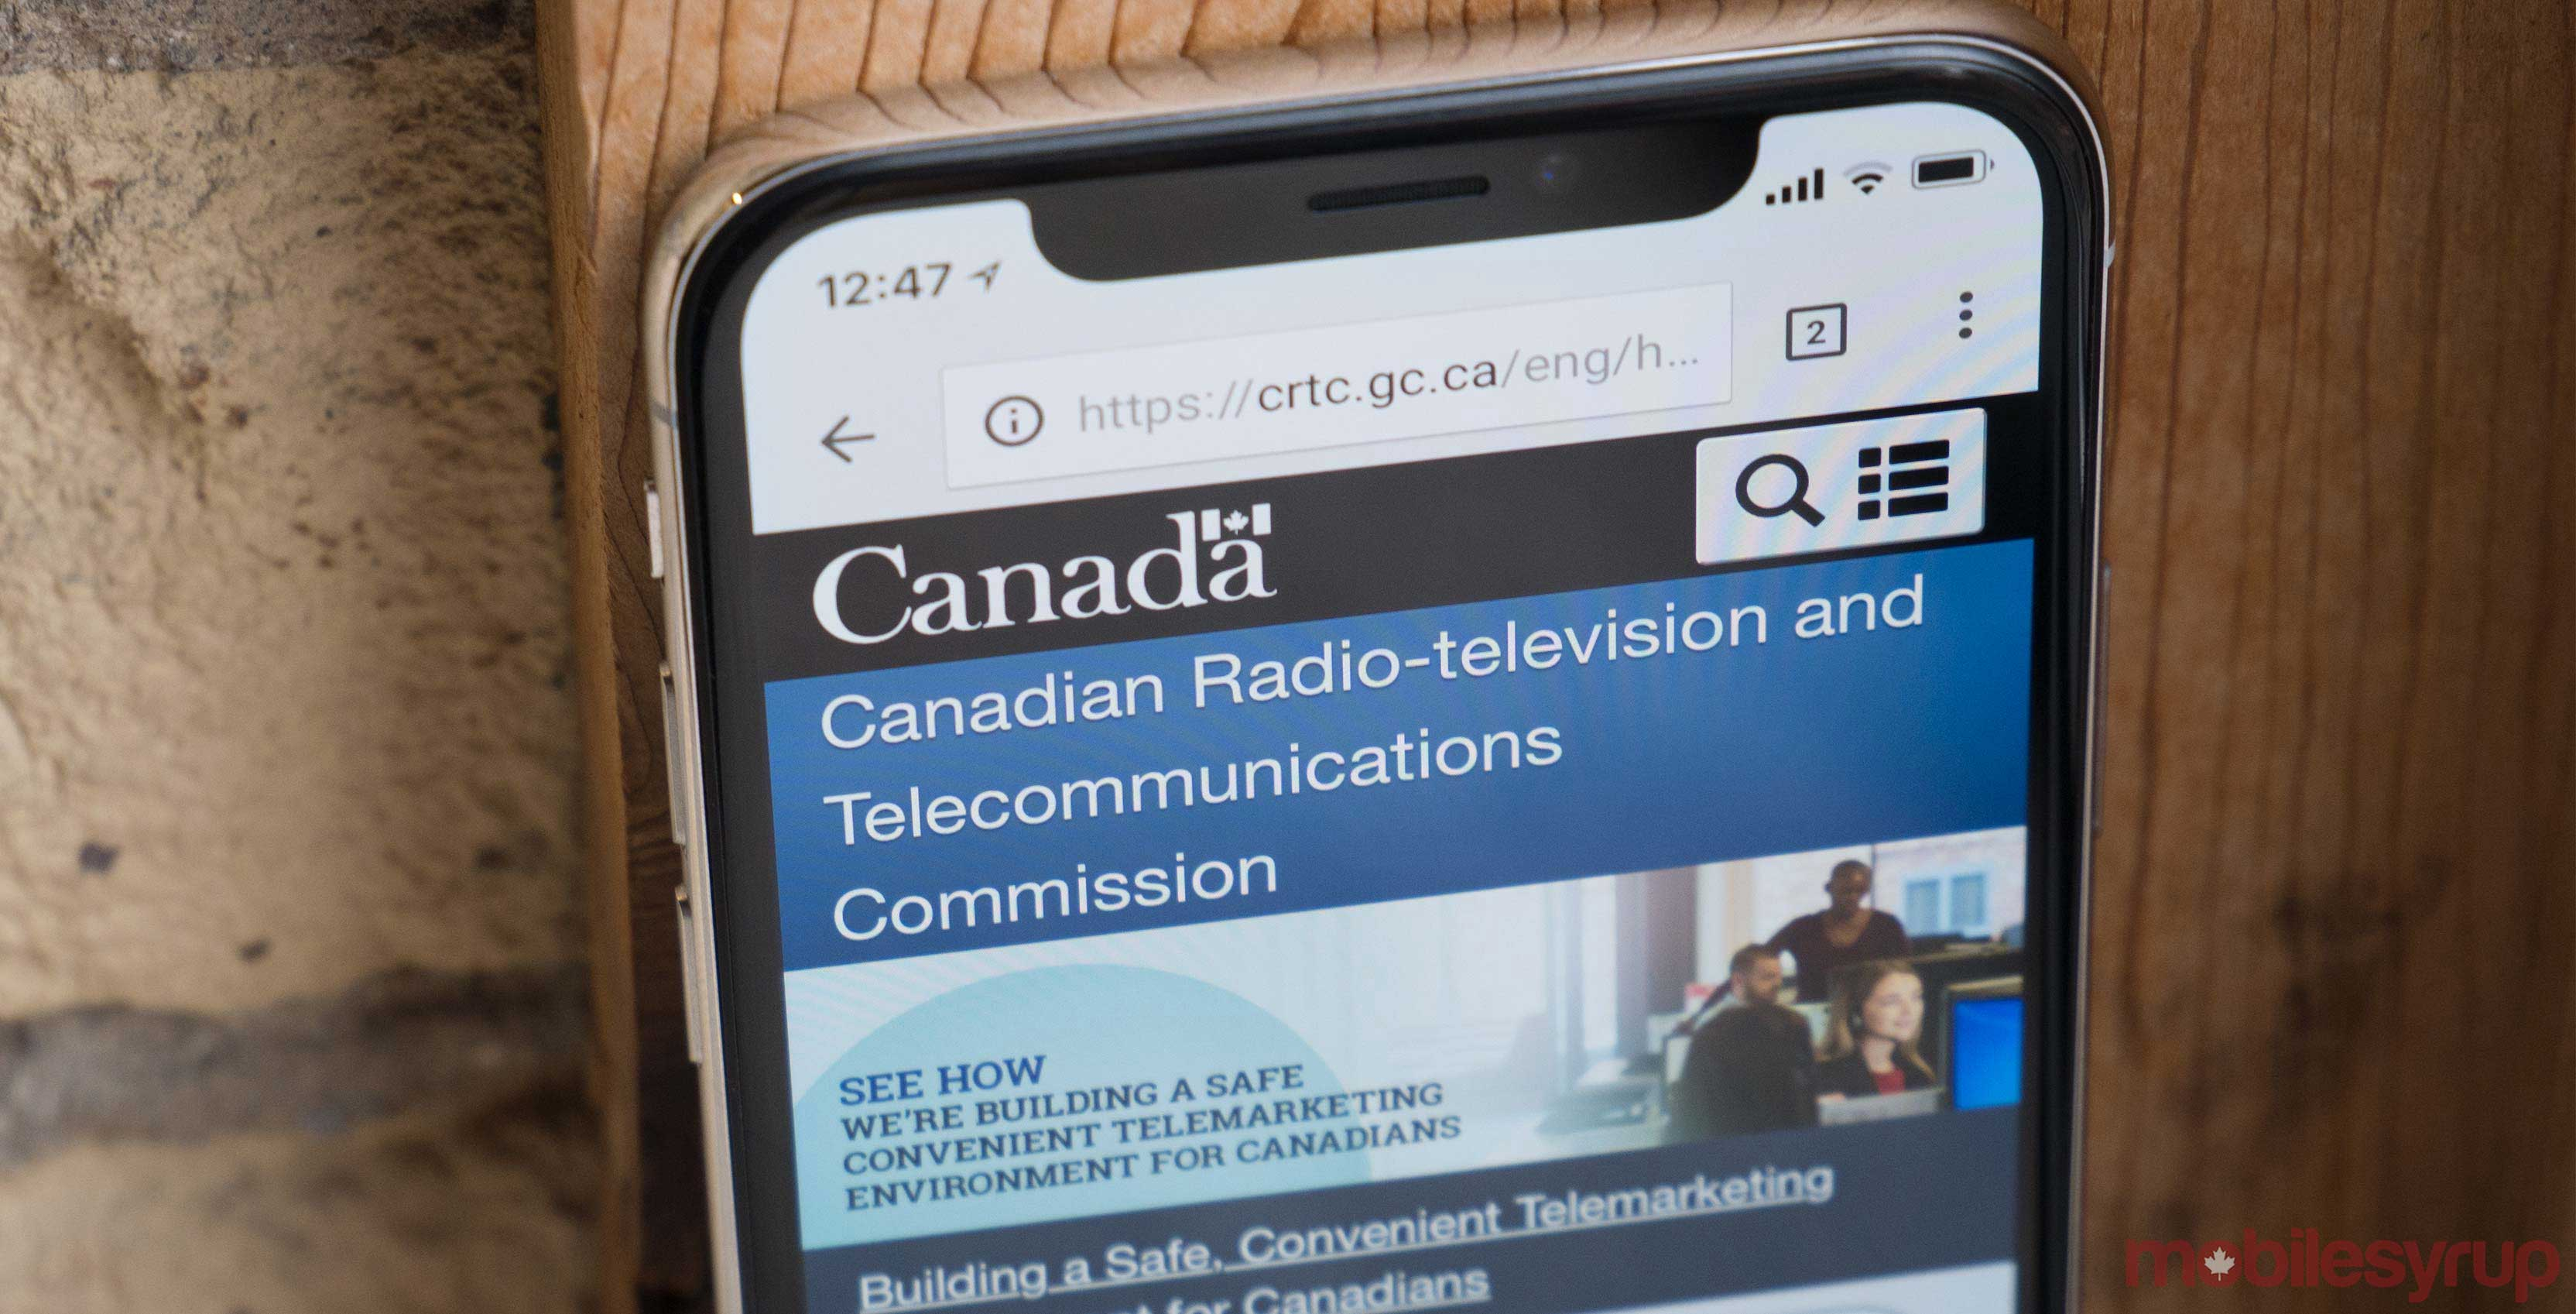 CRTC website on phone